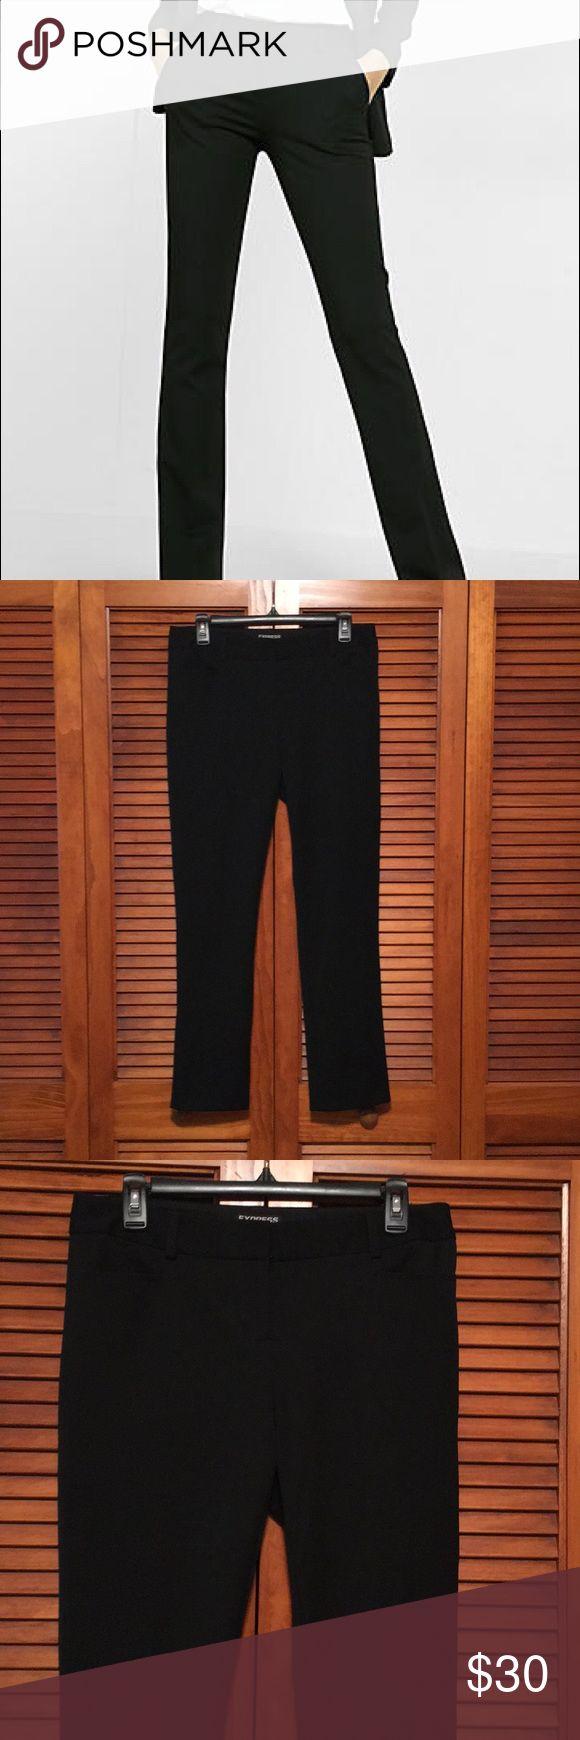 Express Columnist Black Excellent condition Express Columnist. Size 4 Regular, but hemmed. Inseam: 28.5 Waist: 16 Express Pants